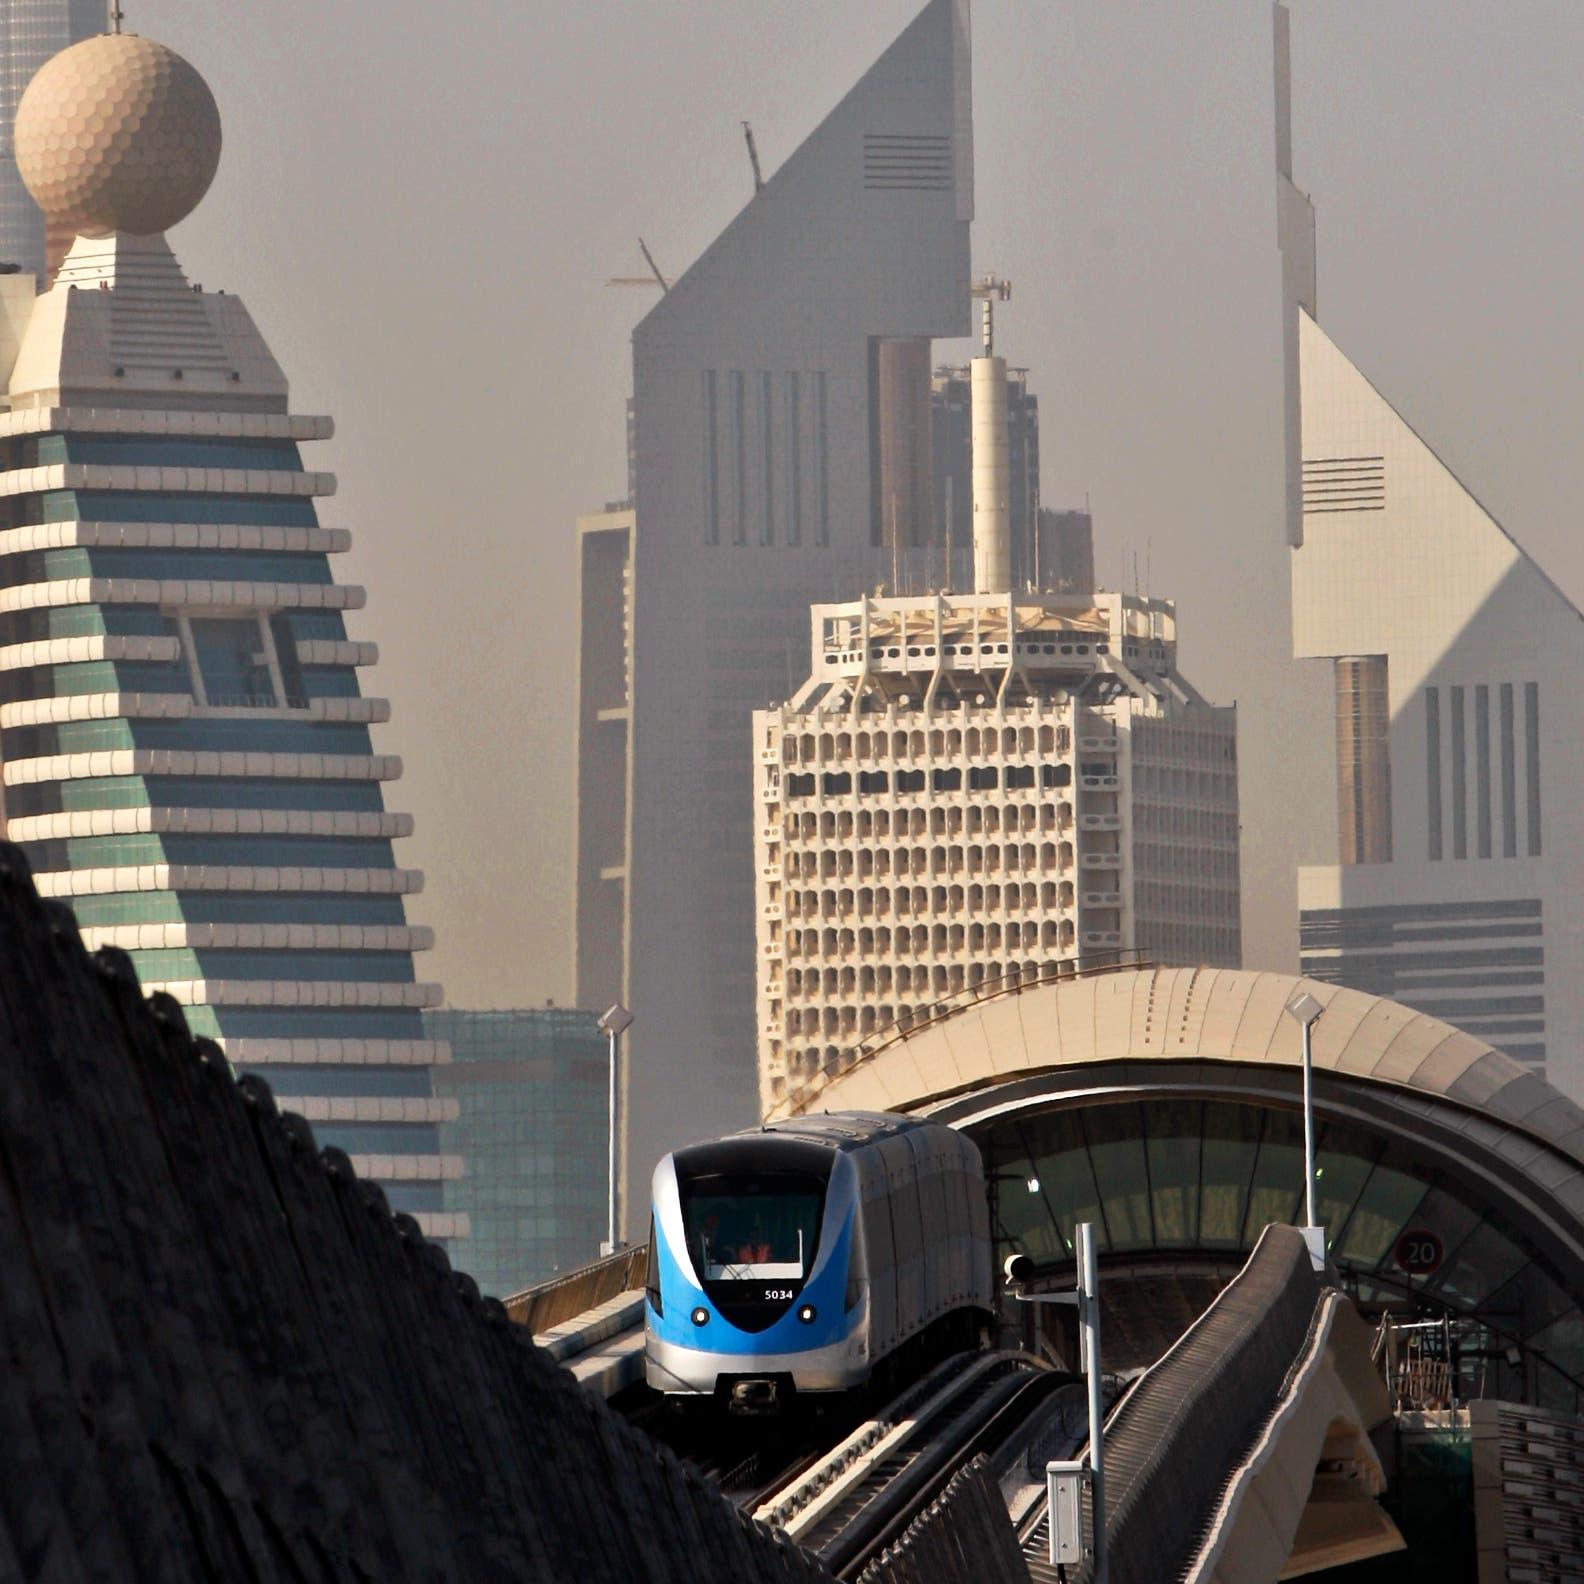 دبي تستخدم تقنية التعرف على الوجه في وسائل النقل العامة